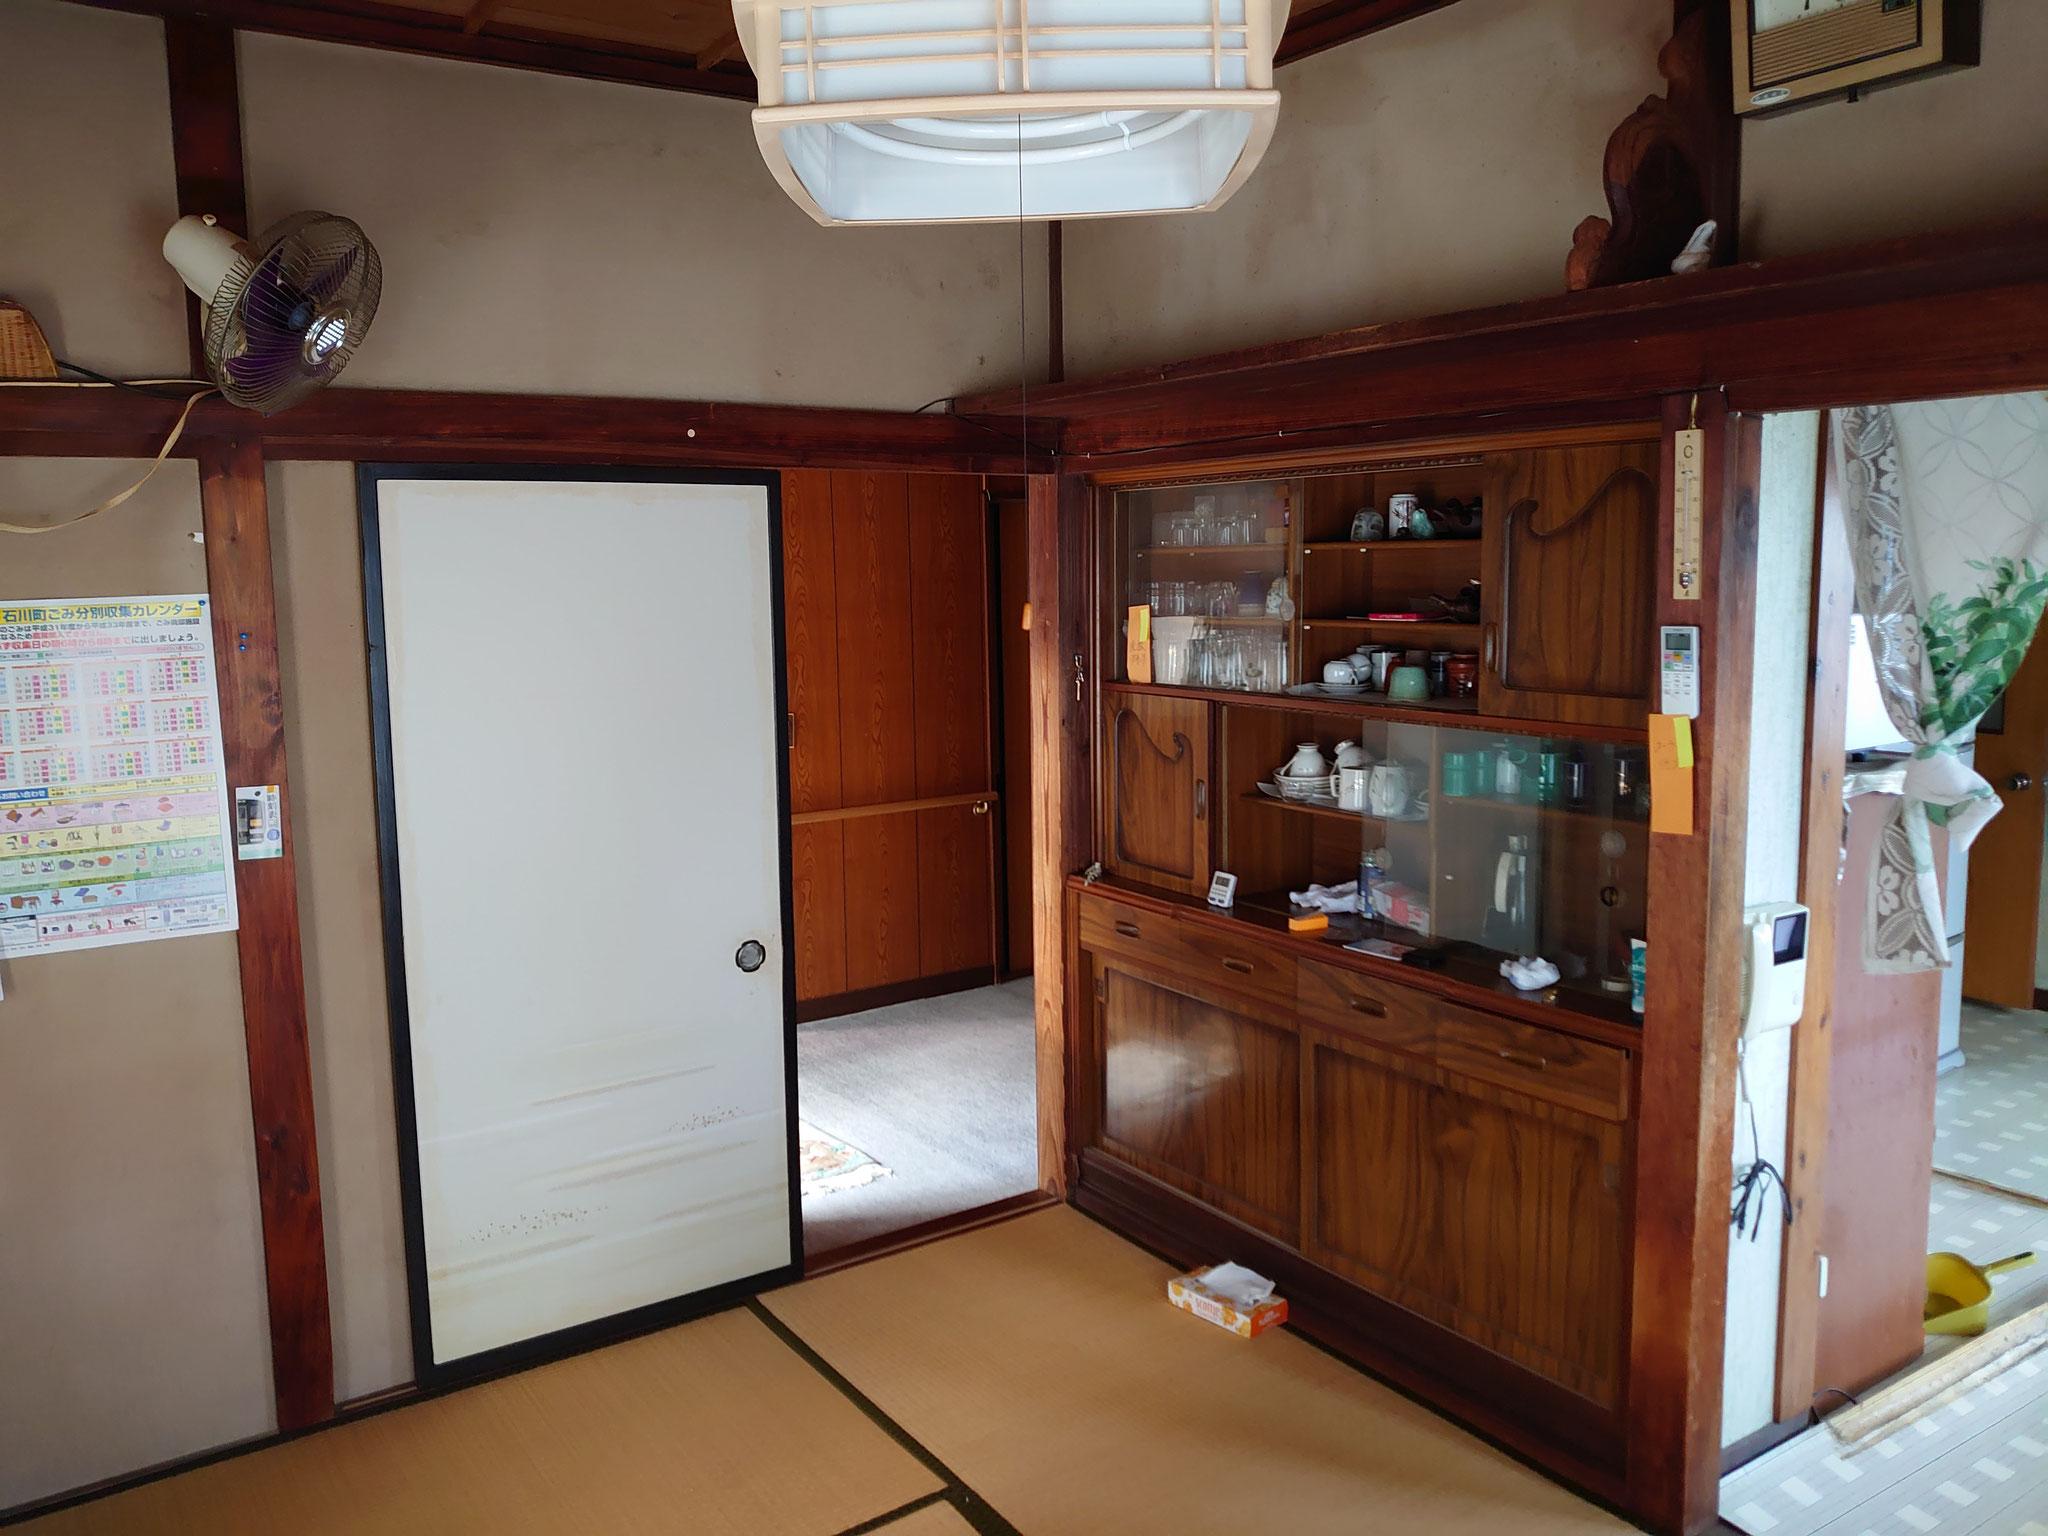 キッチンと居室の2部屋でした。